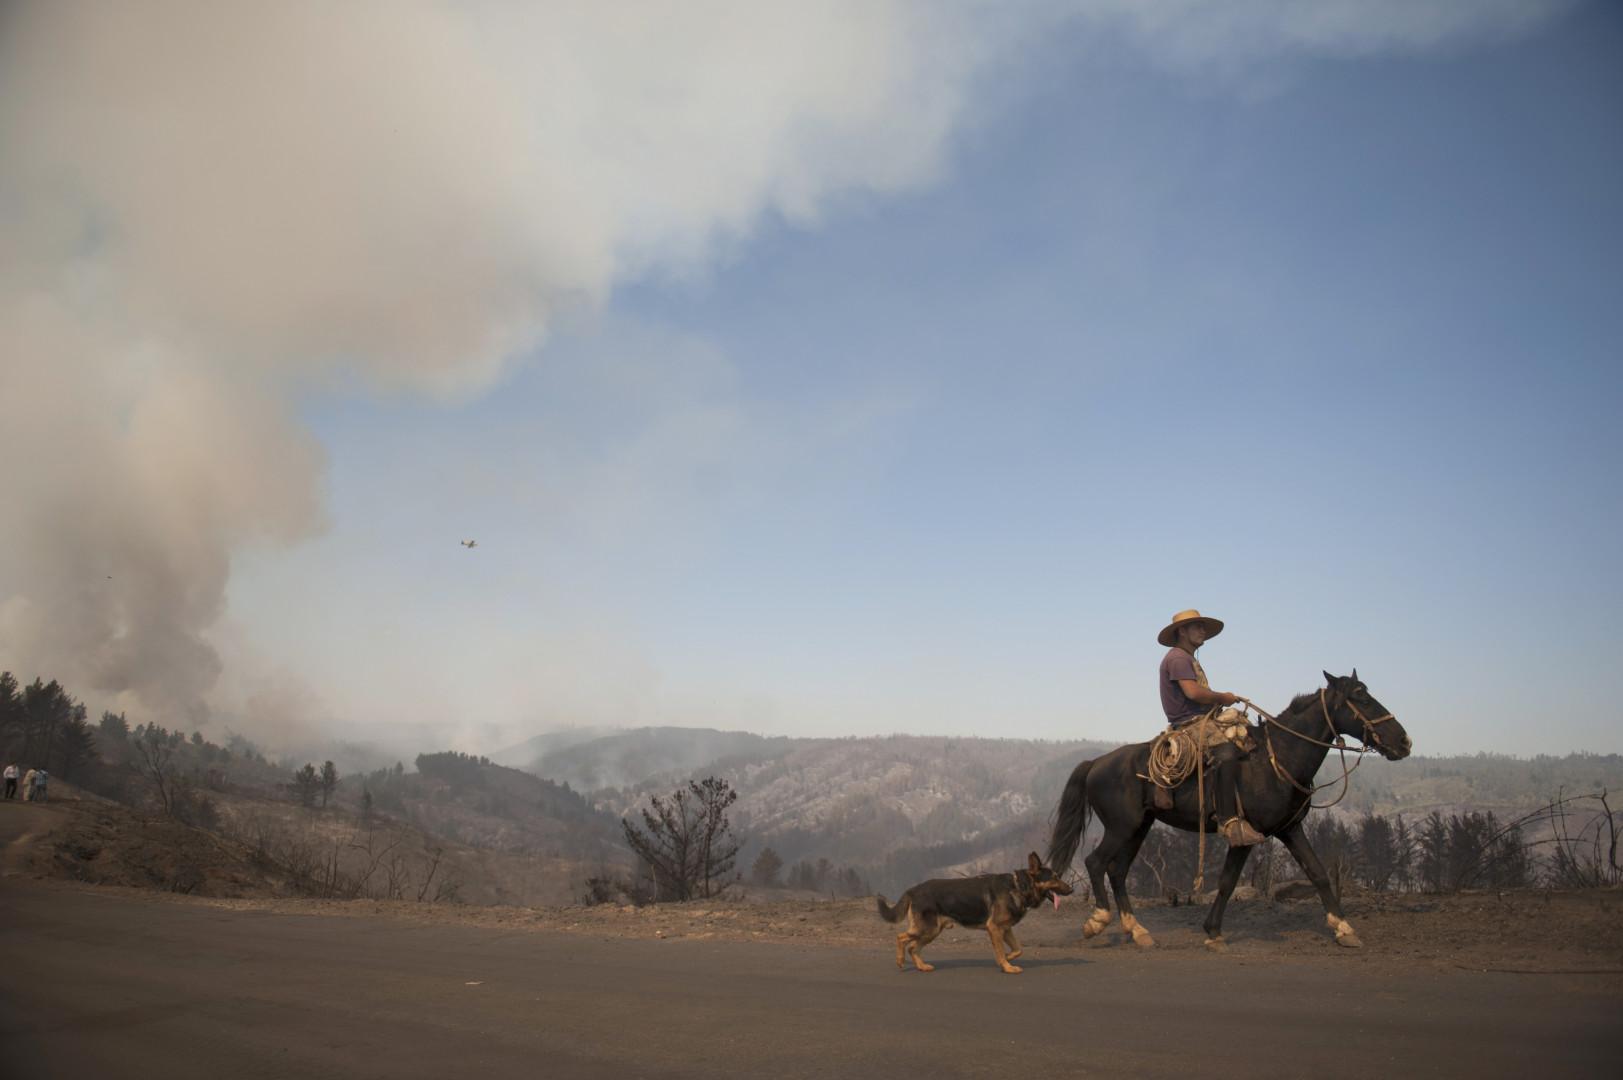 Un Chilien, accompagné de son chien, traverse les zones touchées par l'incendie de forêt pour rentrer chez lui